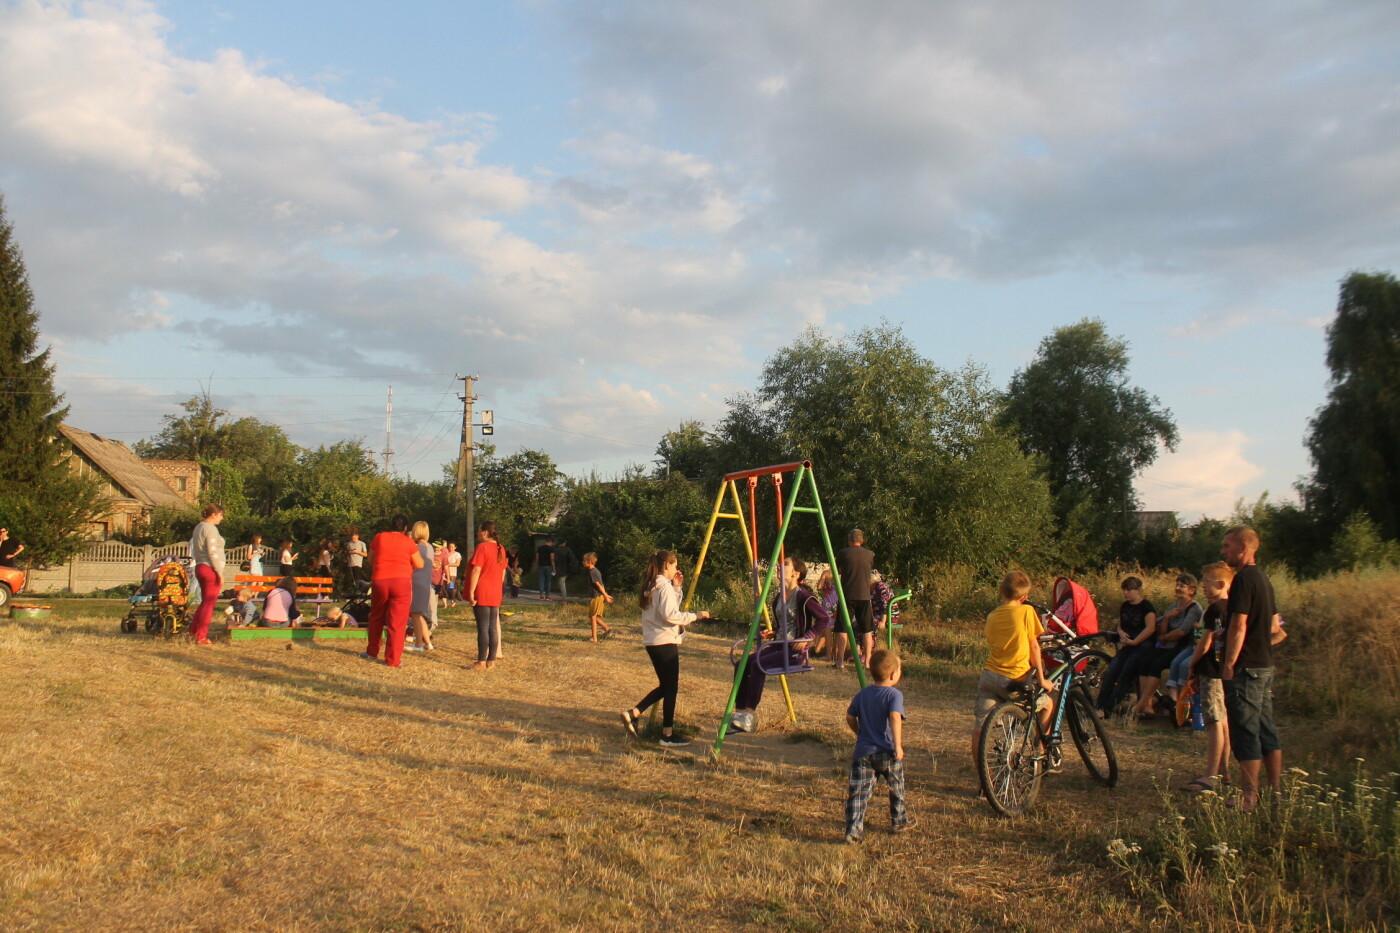 Новое освещение и детская площадка: Игорь Чумаченко продолжает реализовывать программу развития частного сектора, фото-12